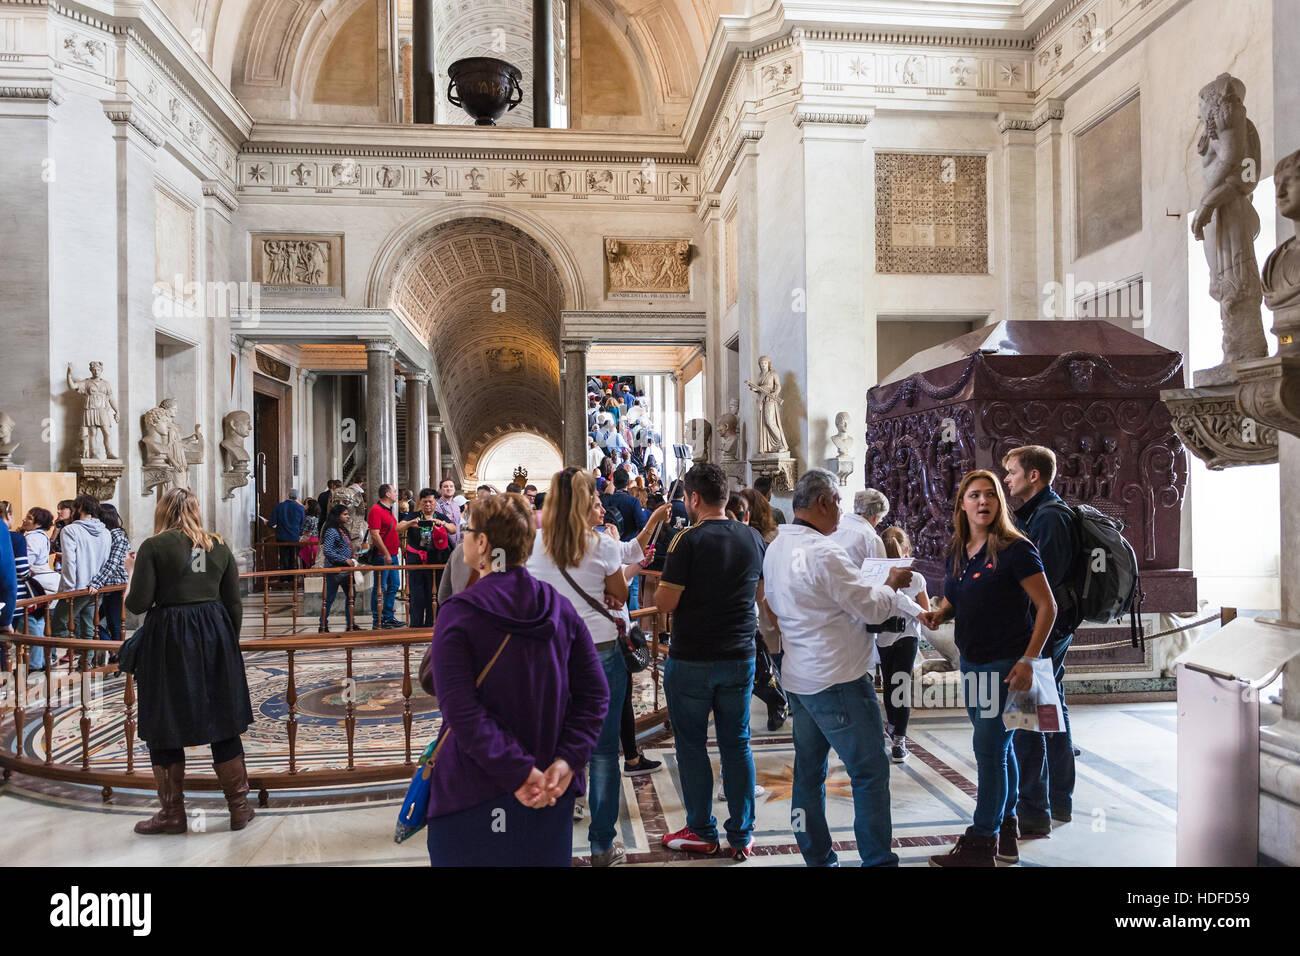 Mosaic in vatican stockfotos mosaic in vatican bilder - Korbmacher fliesen ...